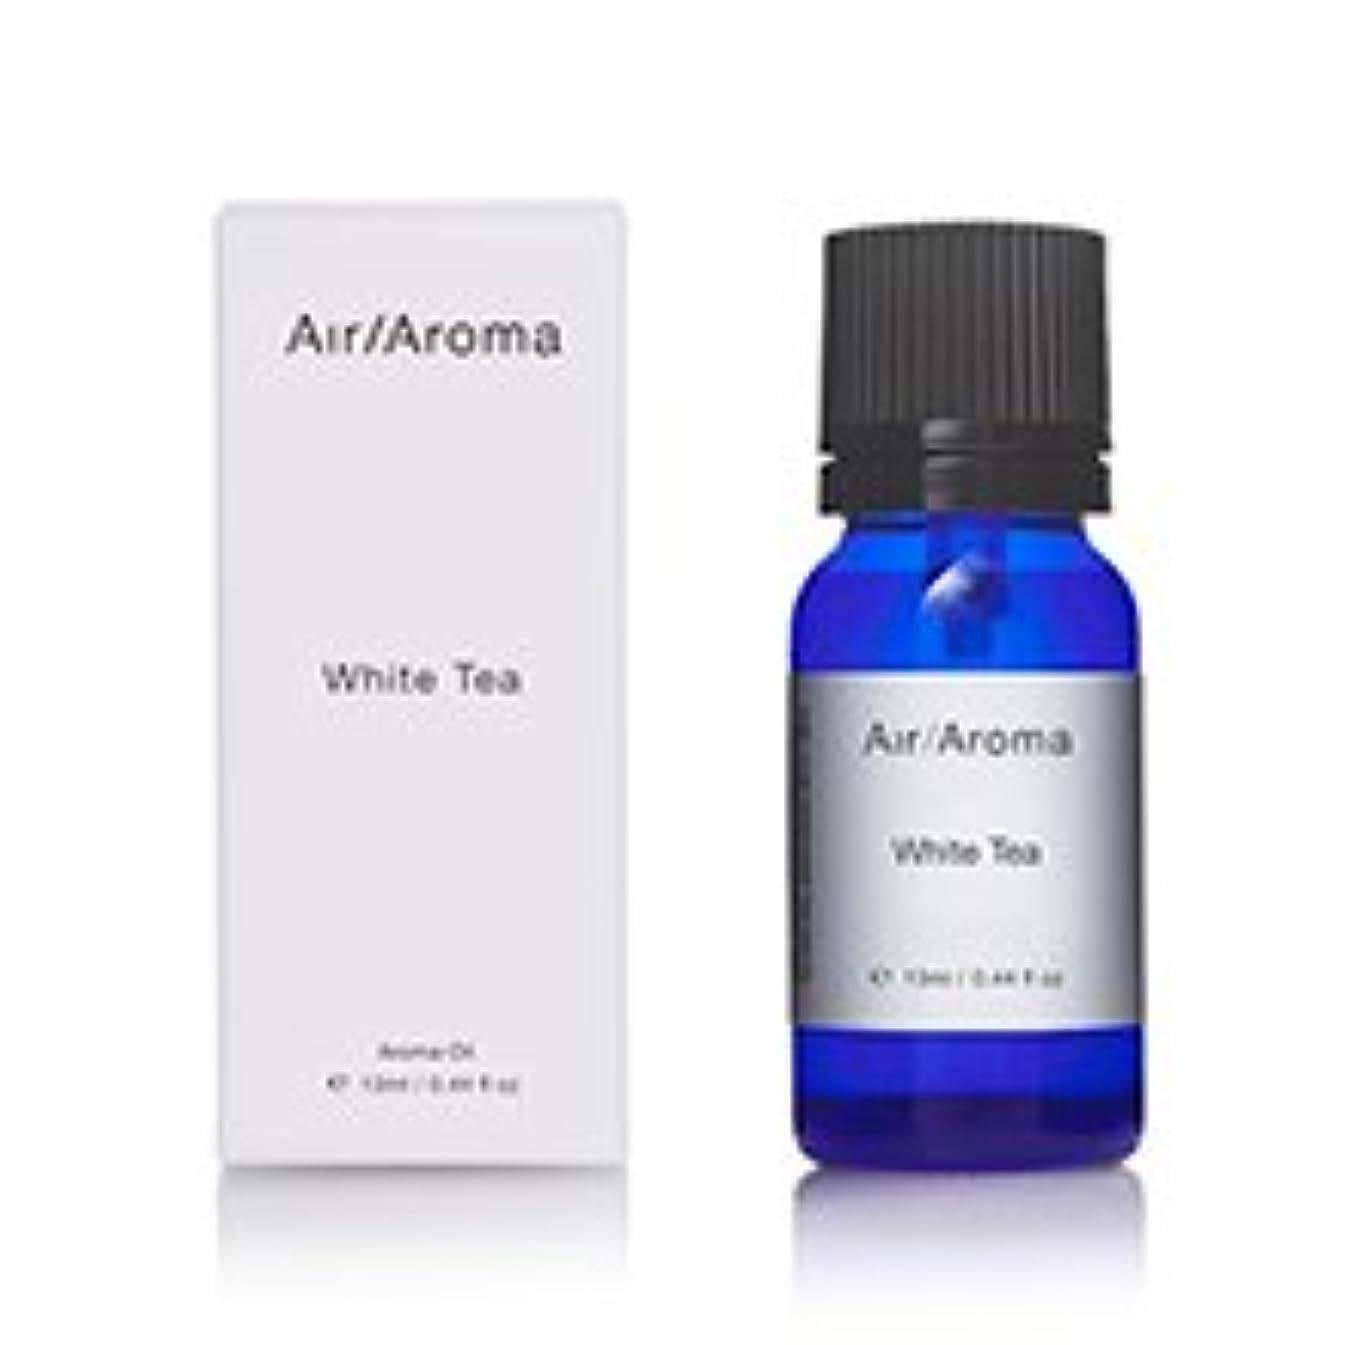 残高マニュアル持っているエアアロマ White Tea (ホワイトティー) 13ml